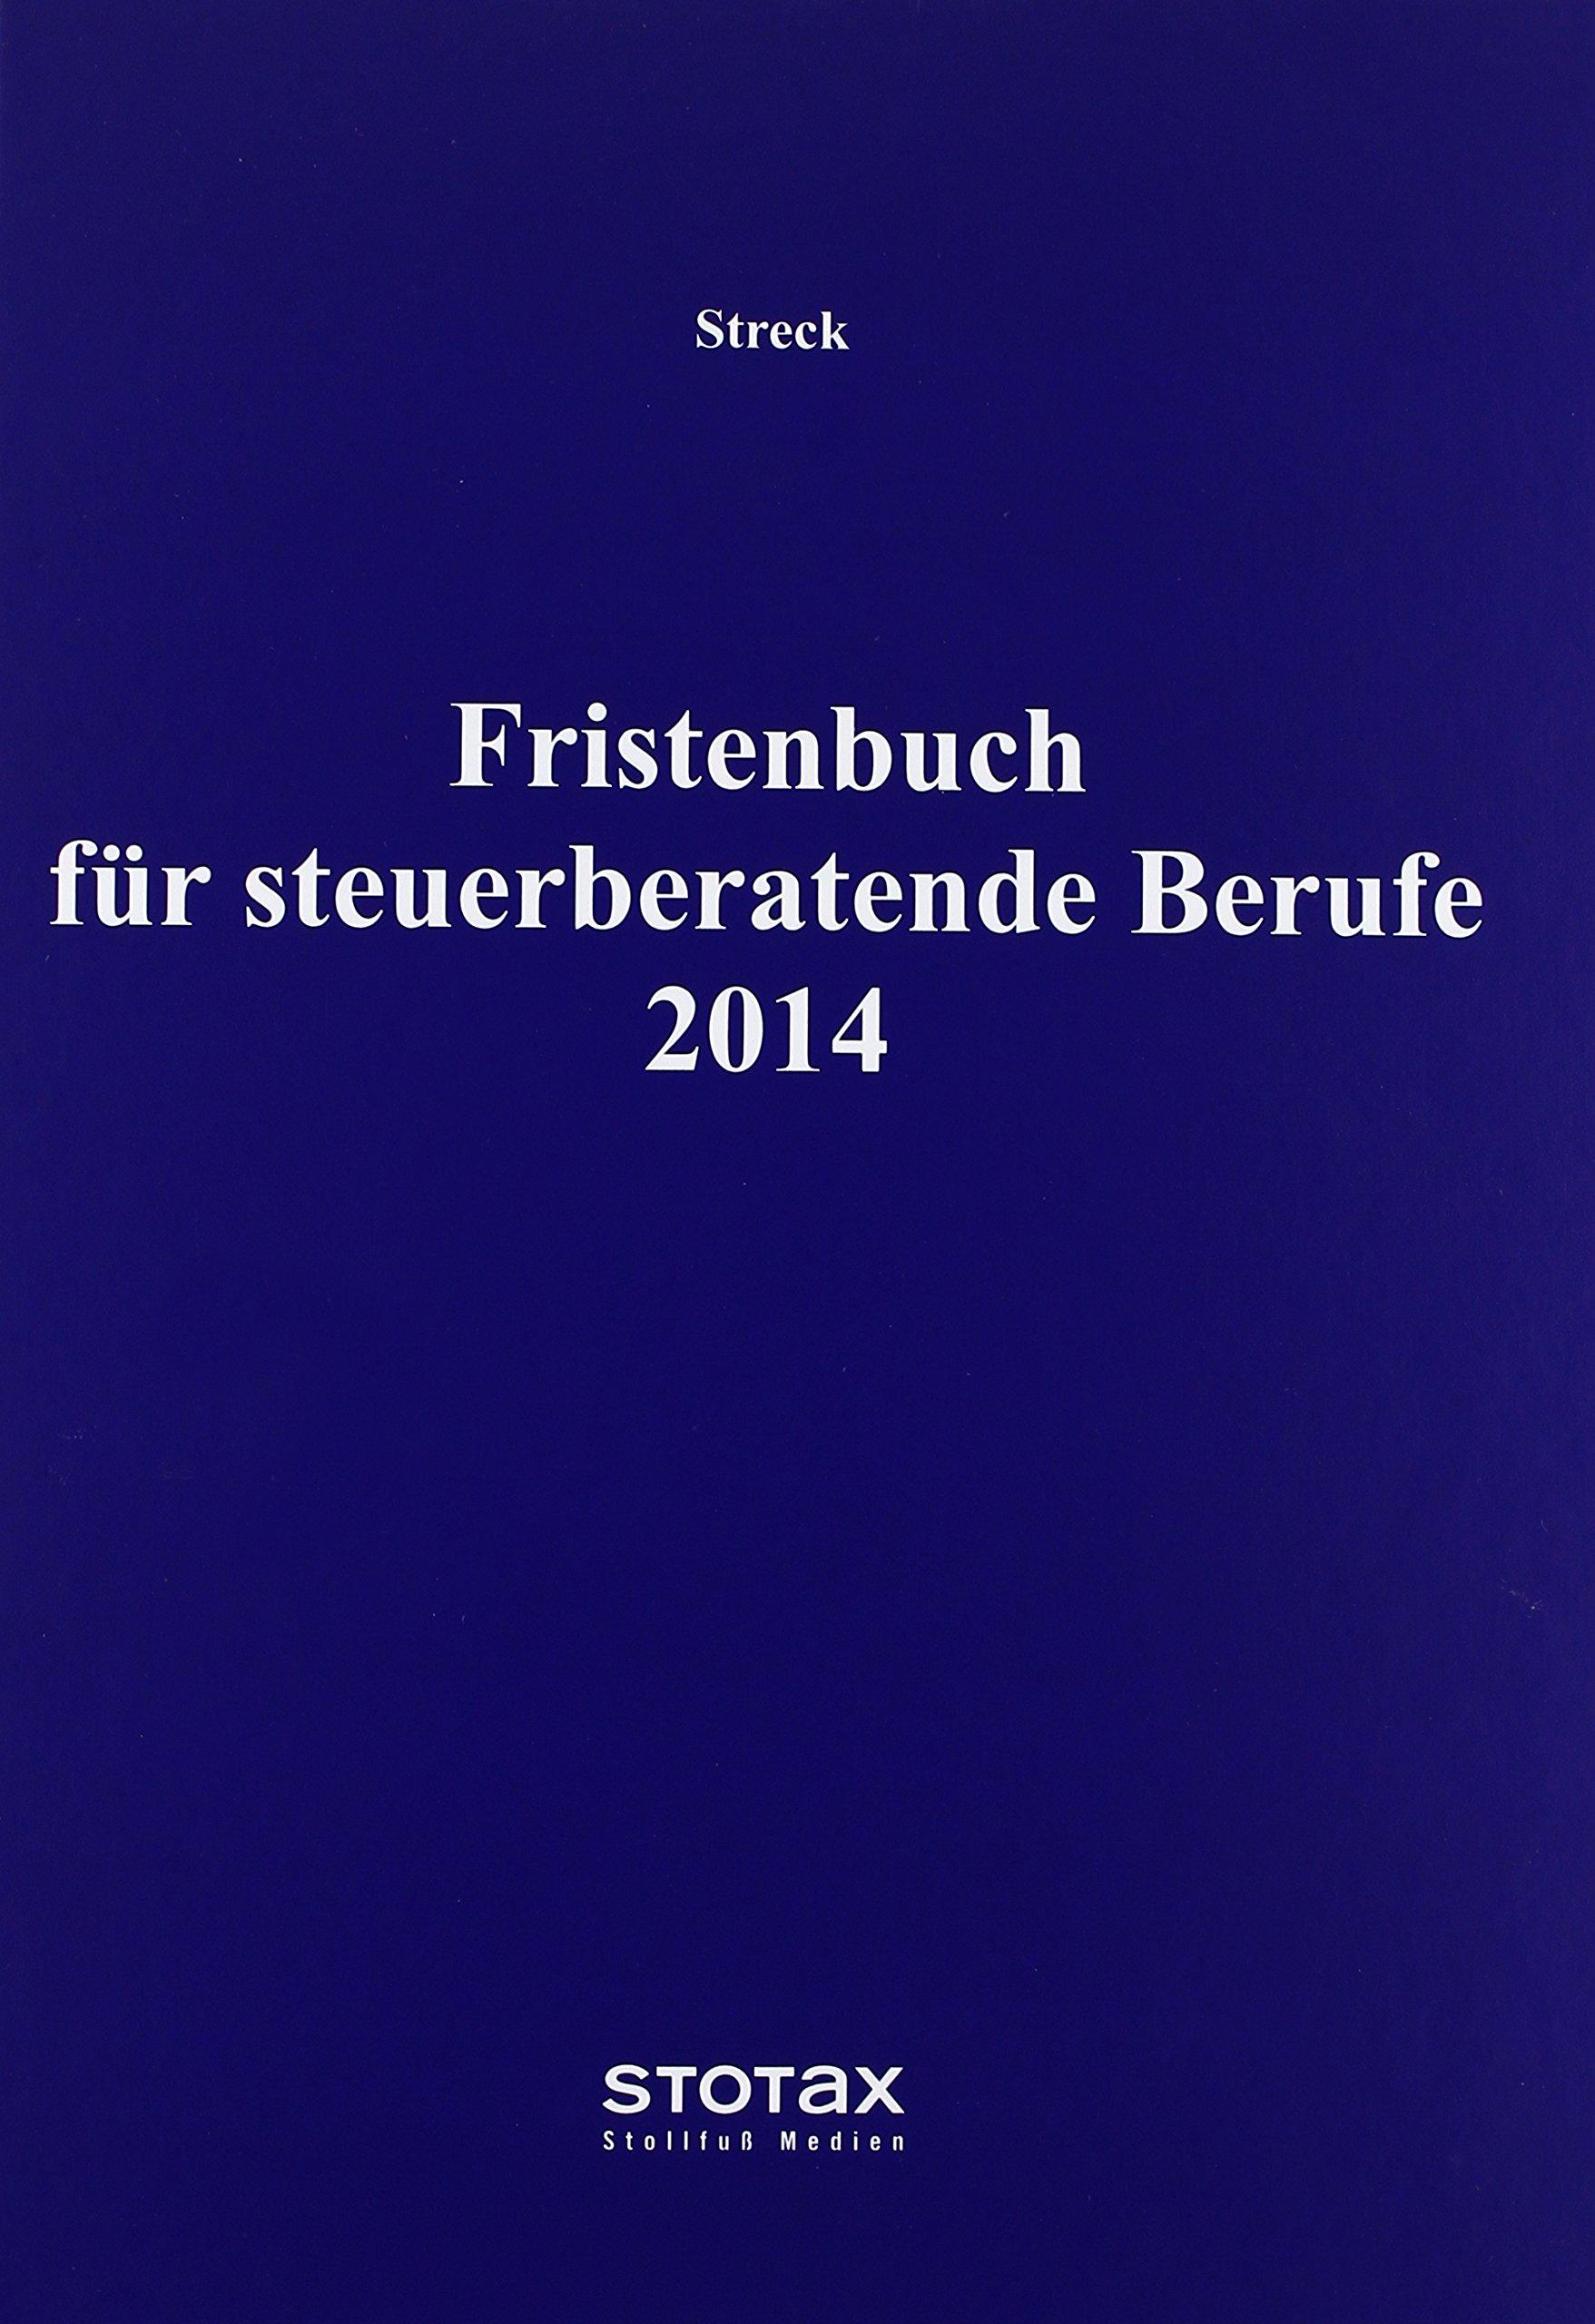 Fristenbuch für steuerberatende Berufe 2014 Gebundenes Buch – 28. August 2013 Michael Streck Stollfuß 308363014X Steuern